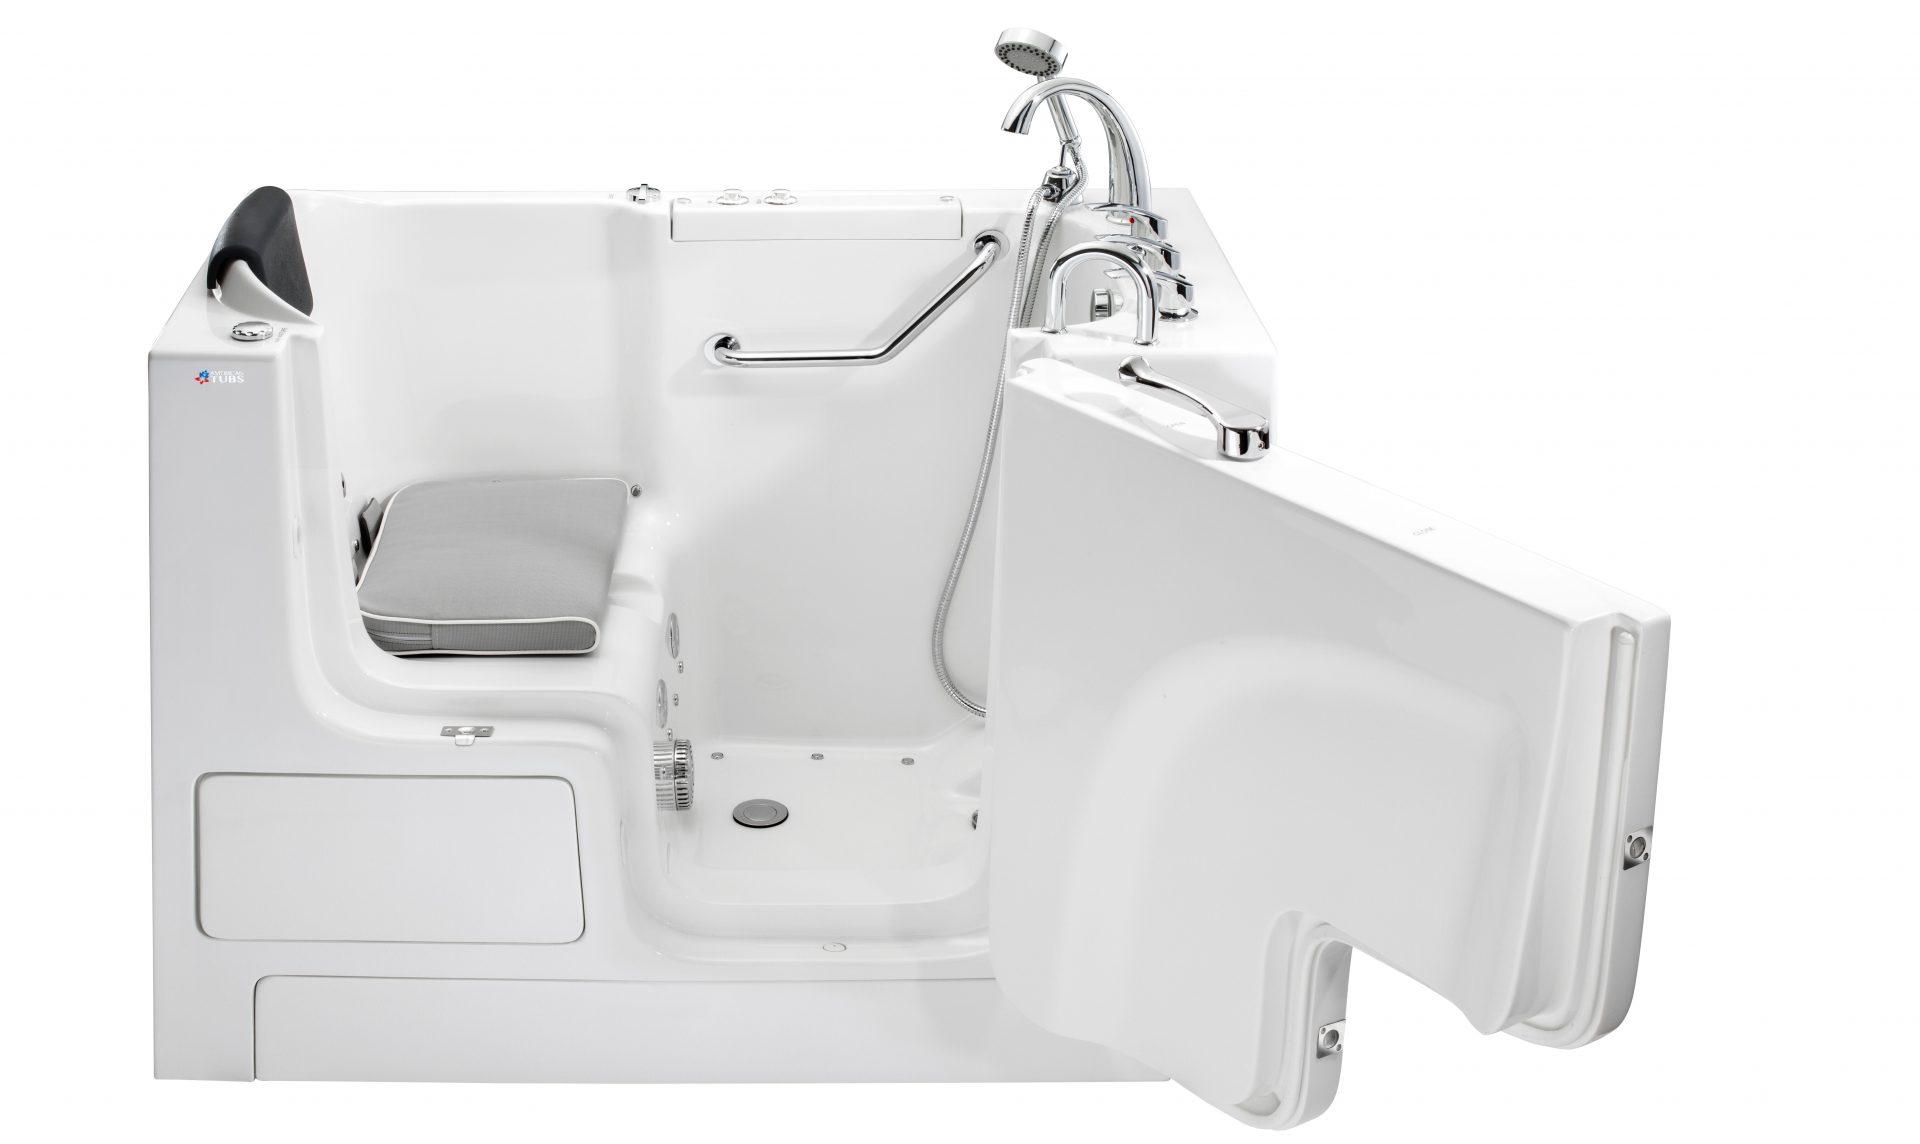 Model 2852W